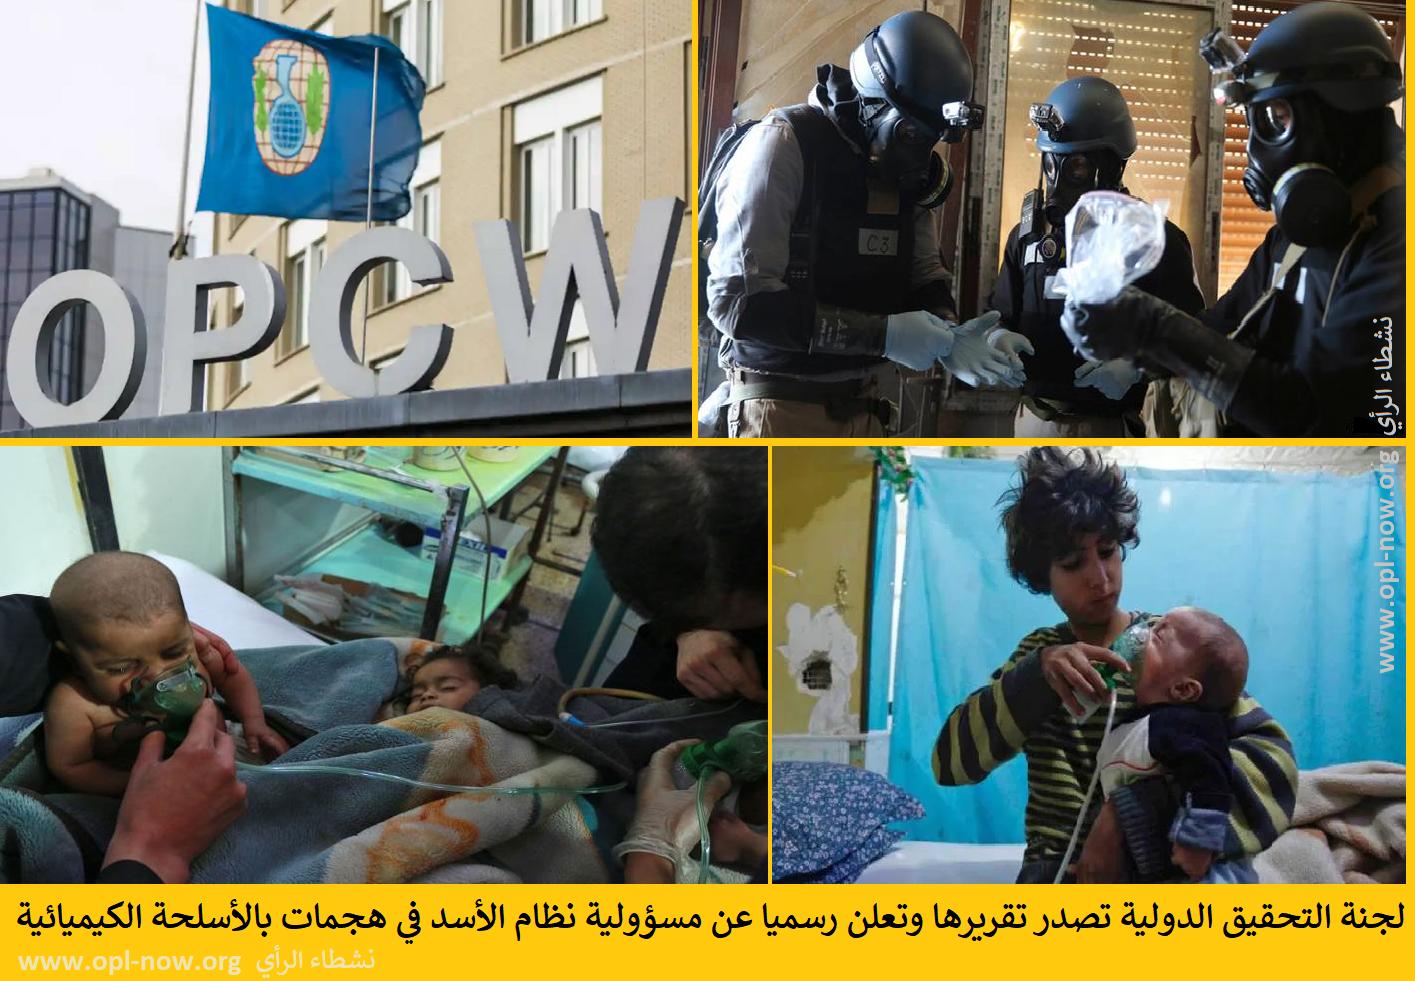 لجنة التحقيق الدولية تصدر تقريرها وتعلن رسميا عن مسؤولية نظام الأسد في هجمات بالأسلحة الكيميائية